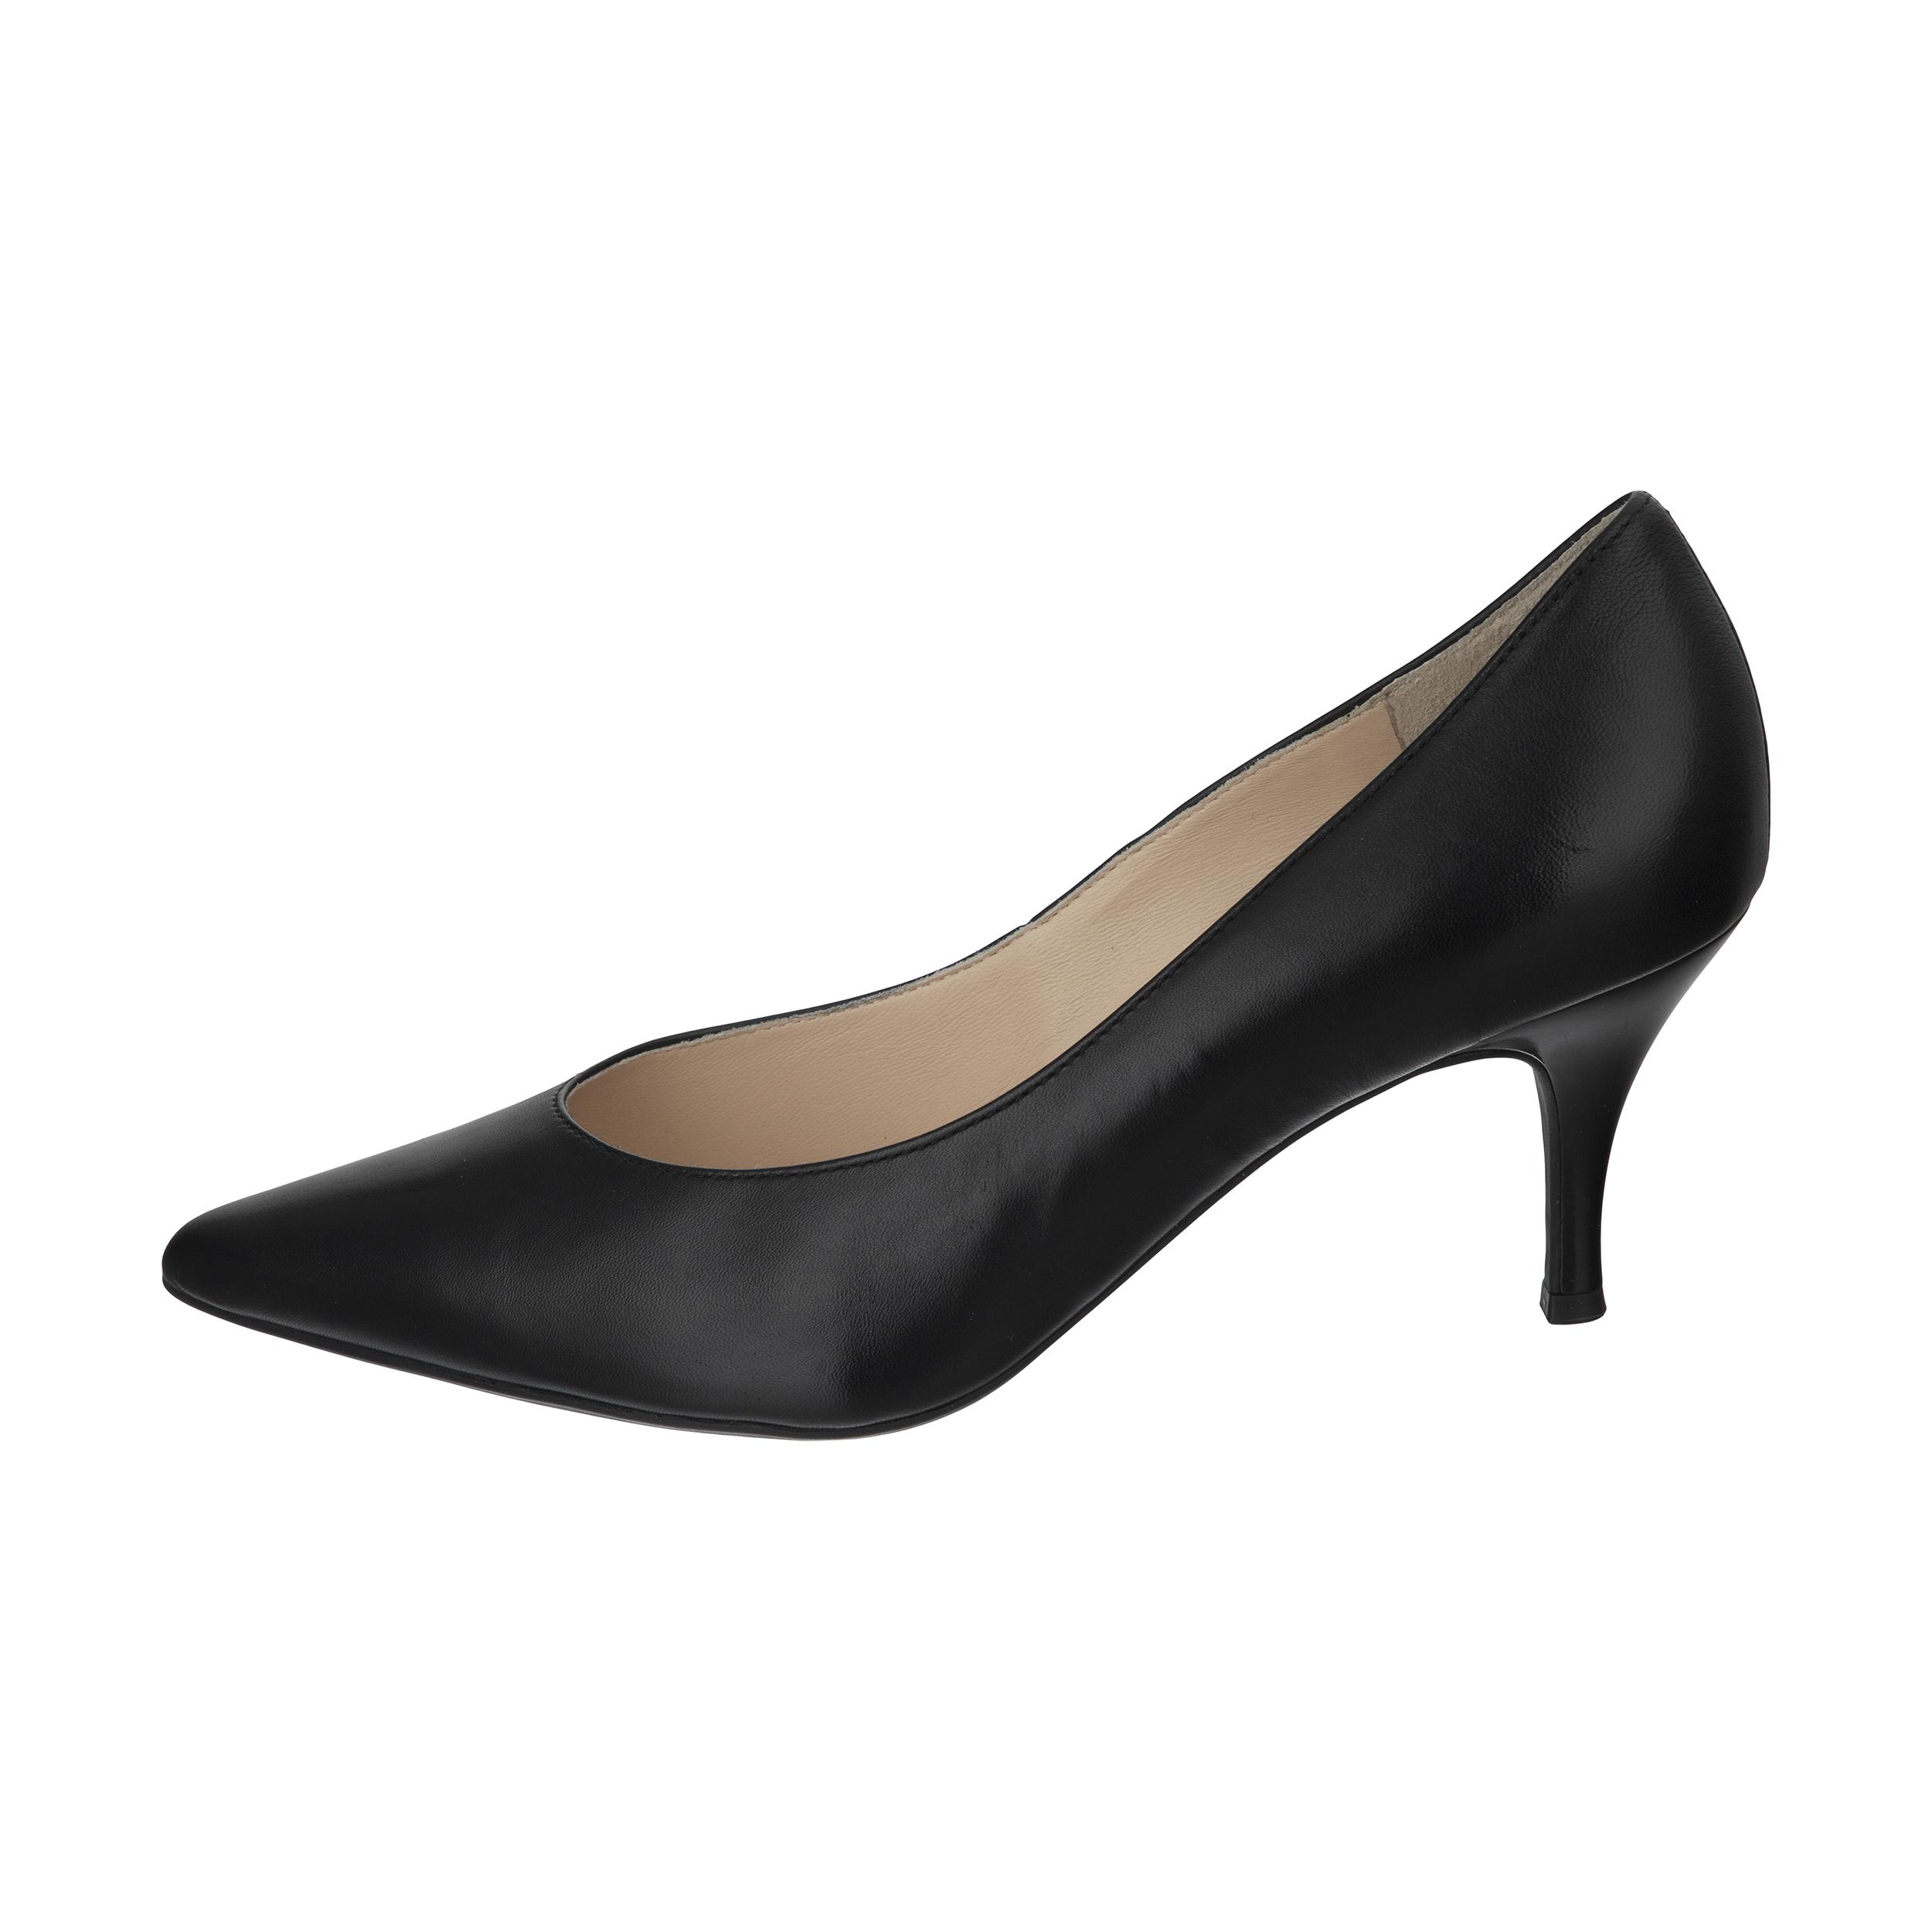 کفش زنانه هوگل مدل 0-126010-0100